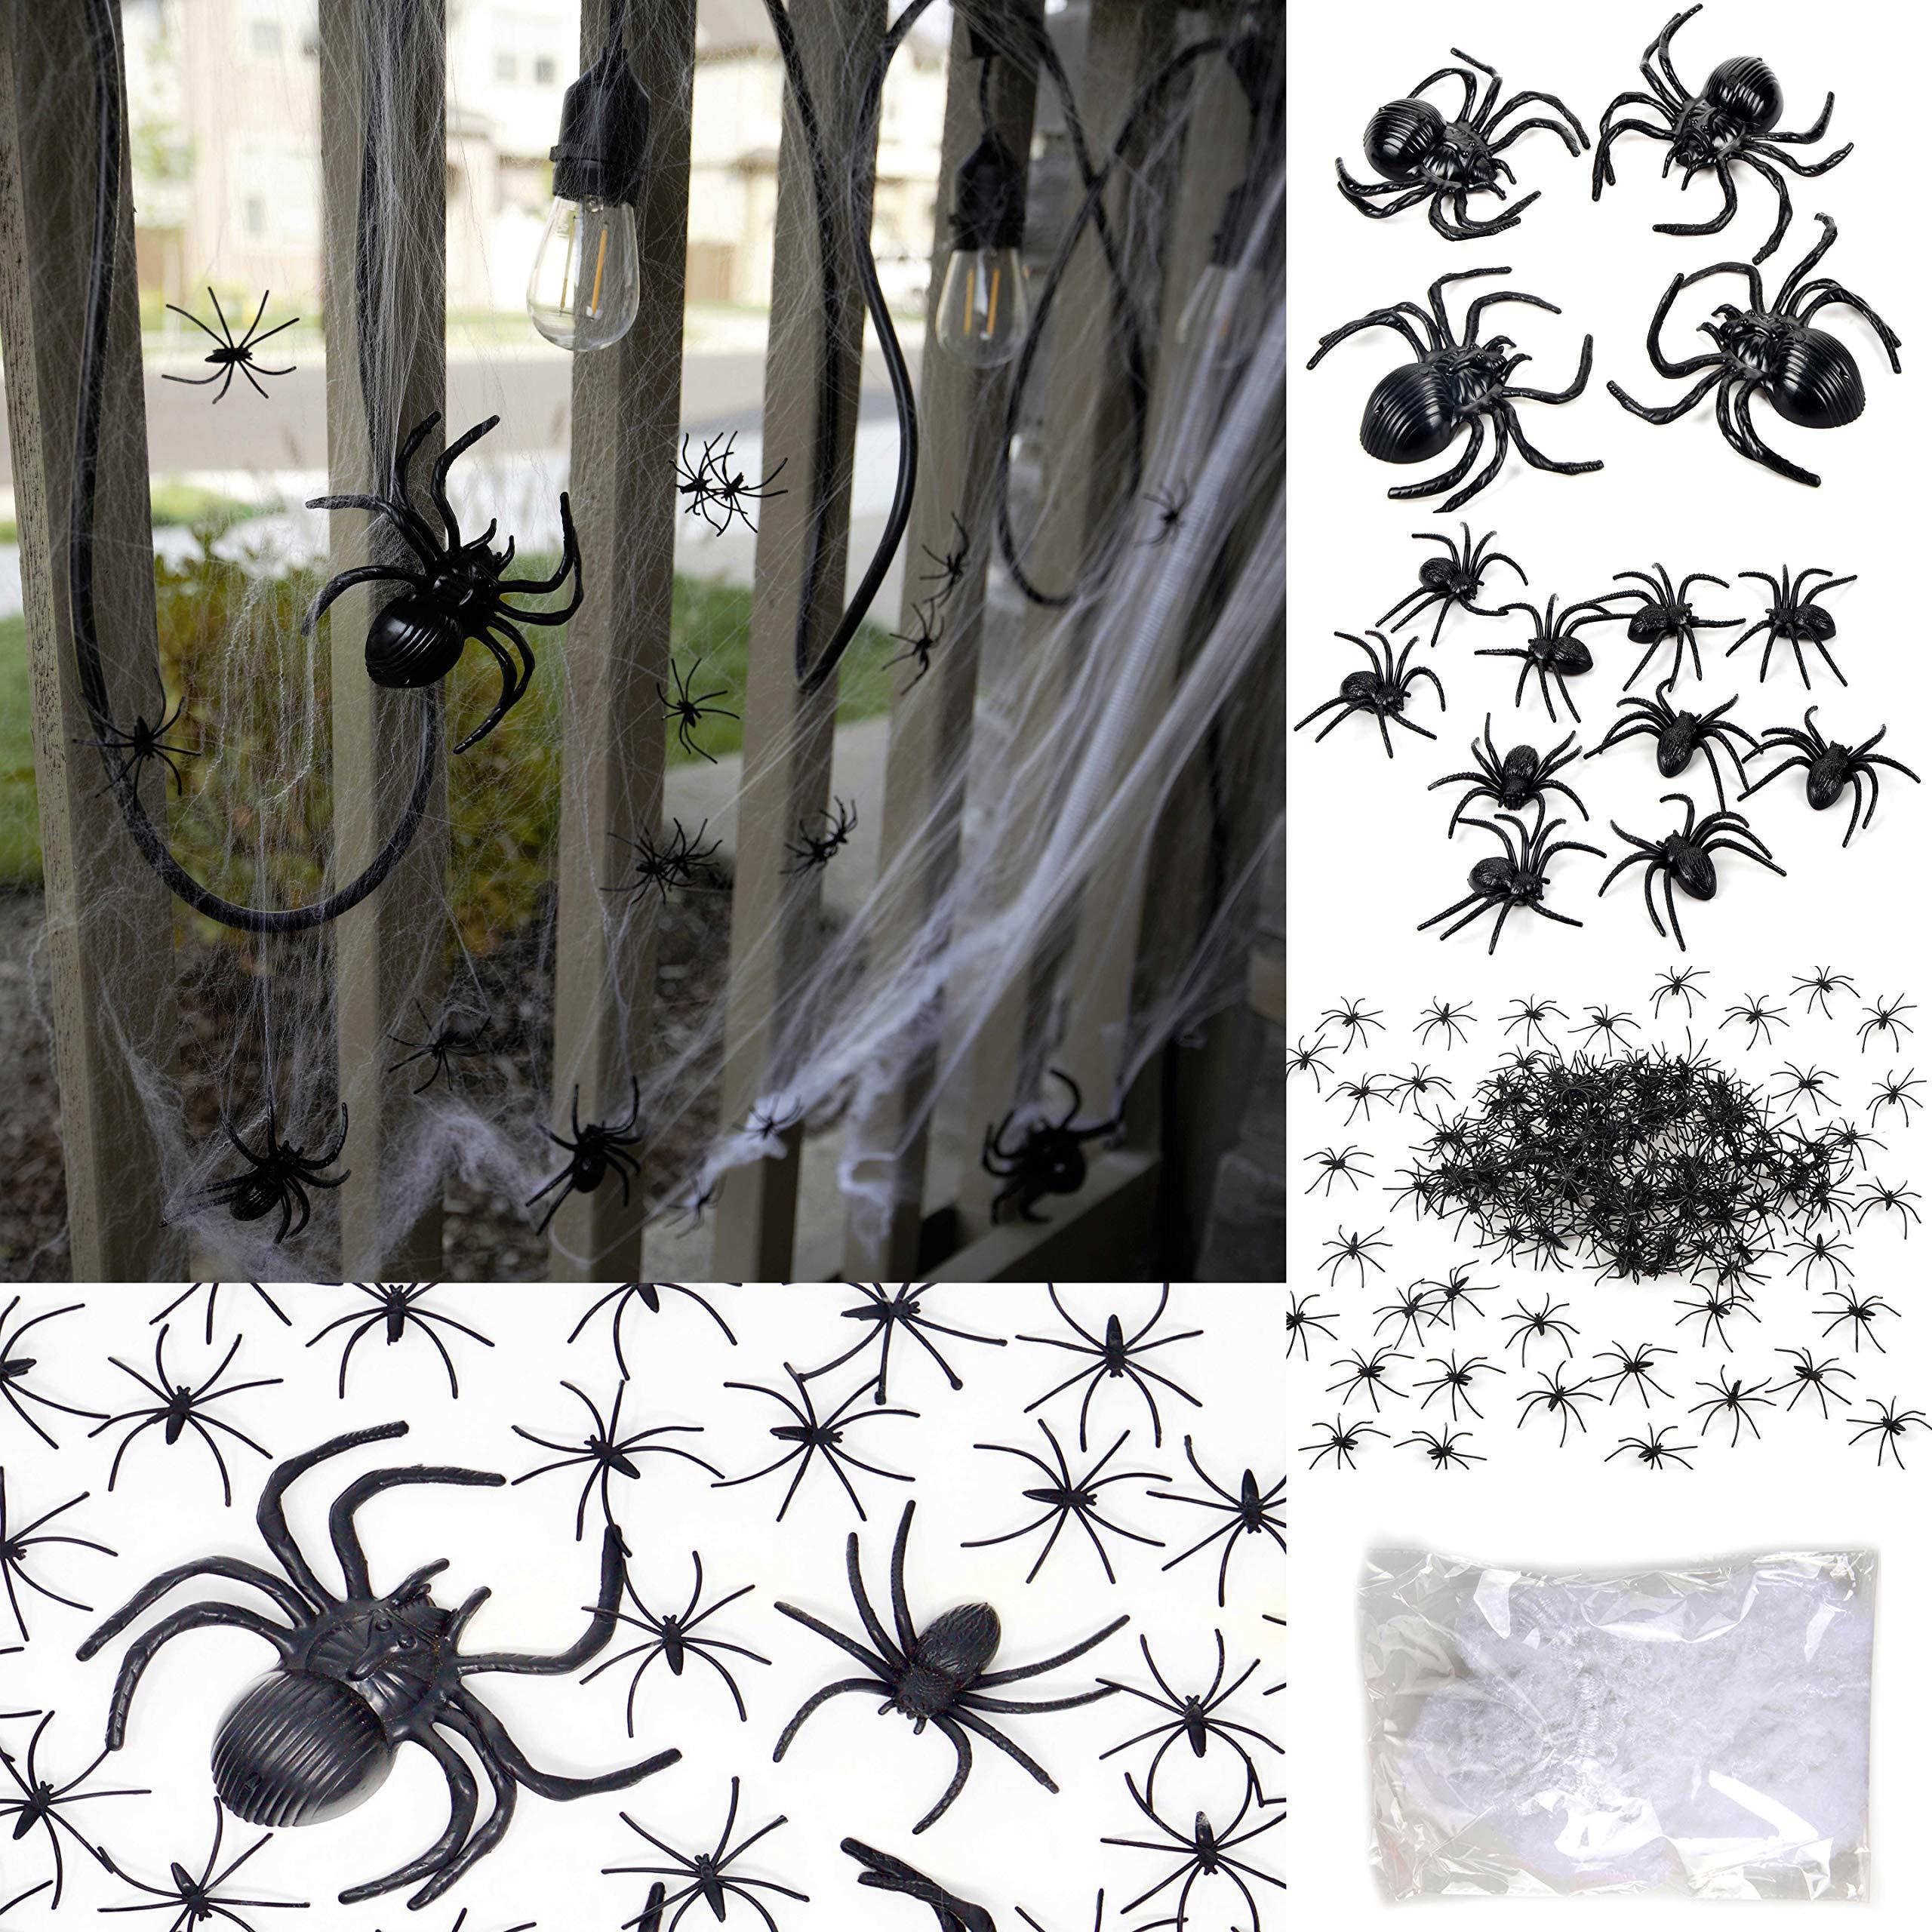 175 Pcs Halloween Spider Decorations - 160pcs Small Spider - 10pcs Medium Spider - 4pcs Big Spider - 1pcs 800 sqft Spider Web Decorations - Best Halloween Party Favor